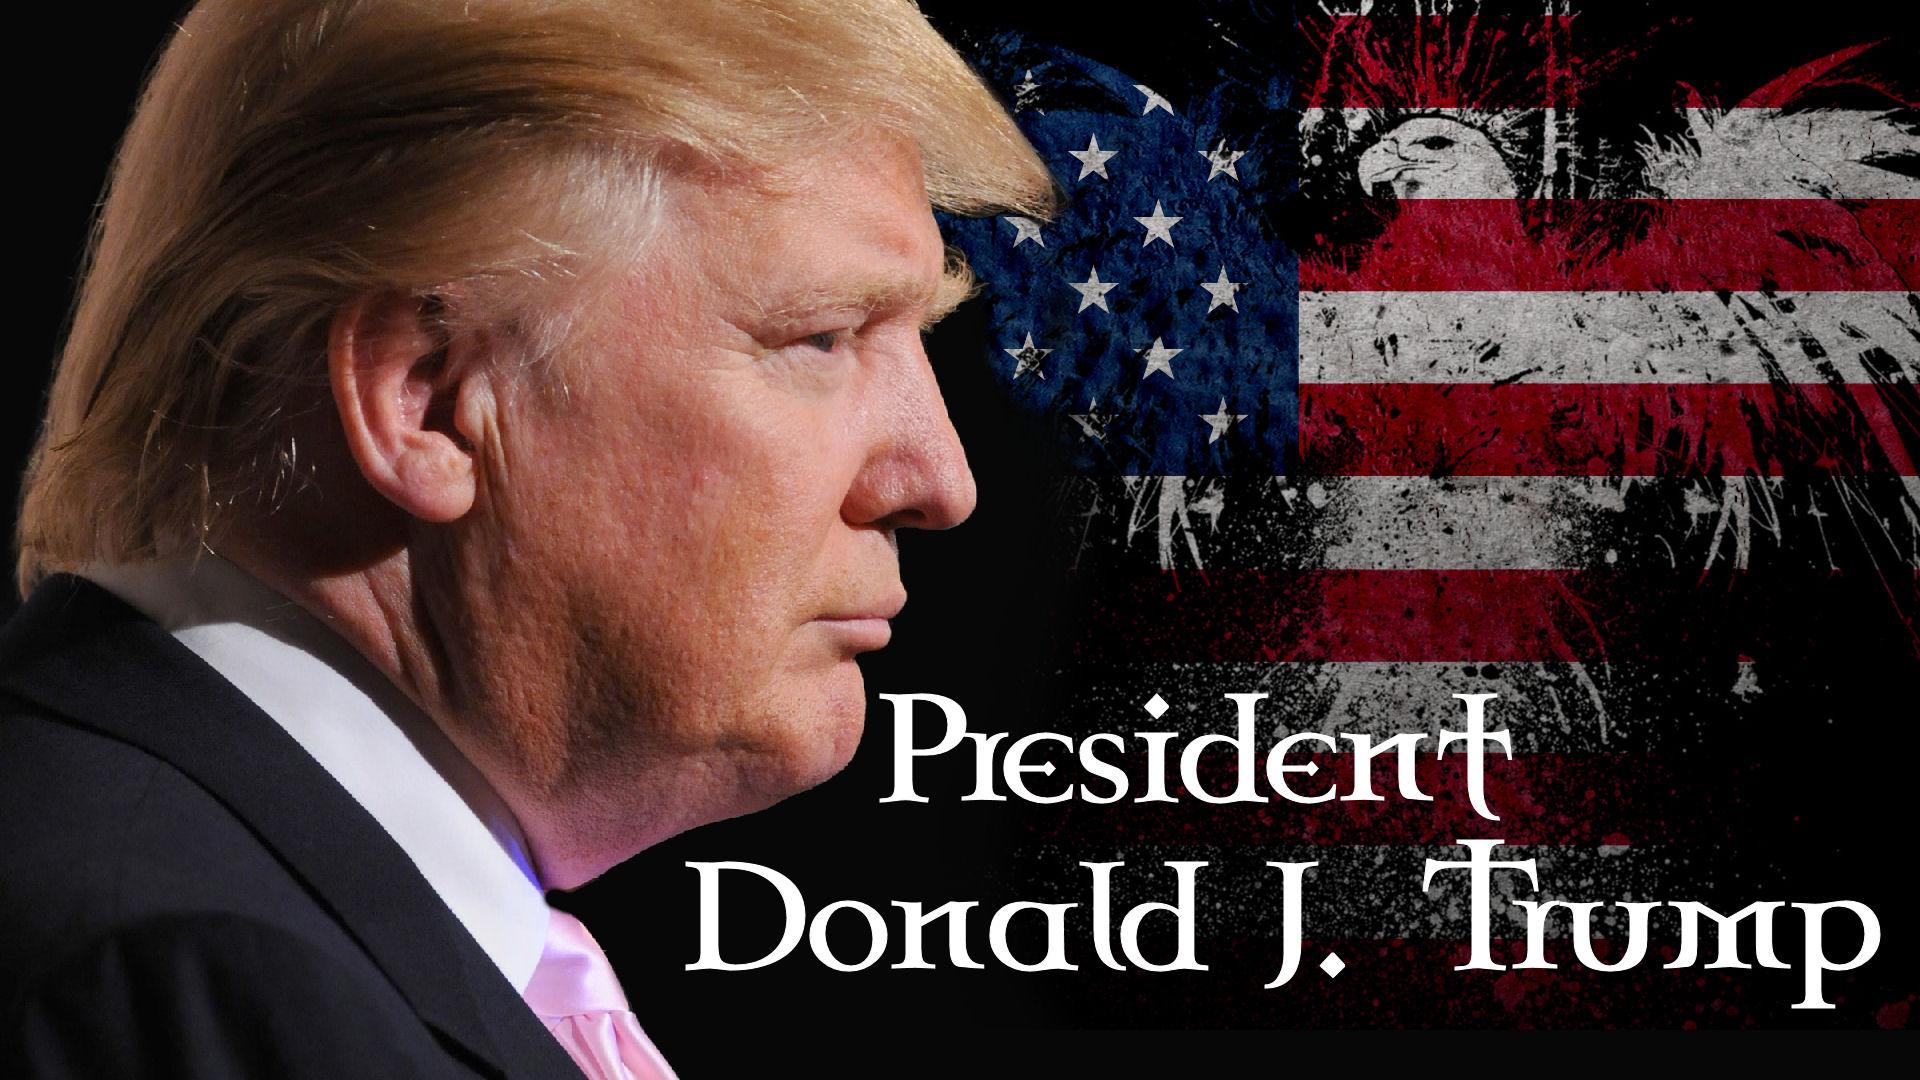 President Donald J Trump Donald Trump Wallpaper 40539991